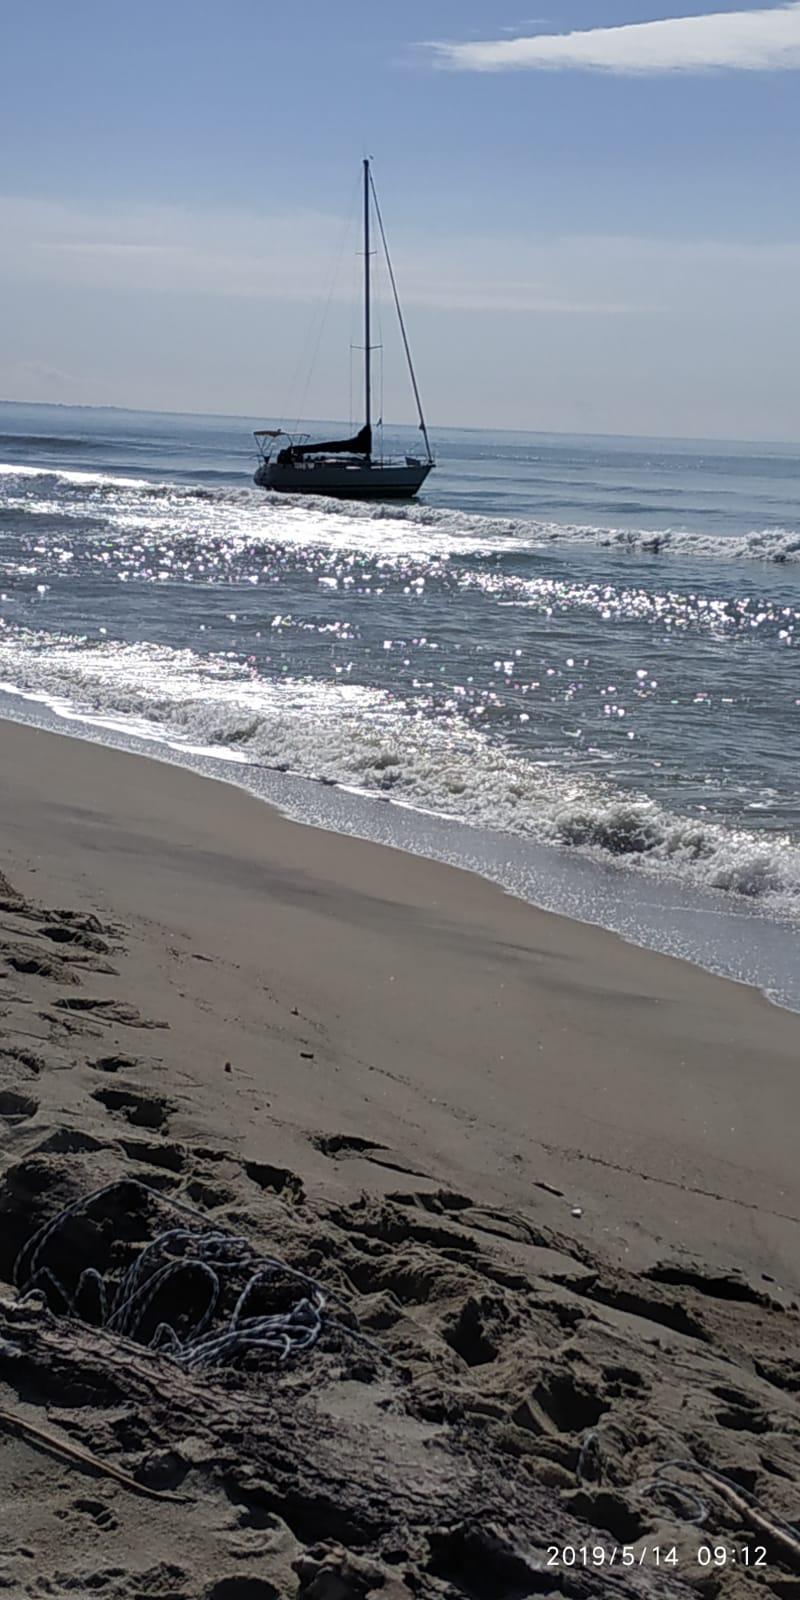 VIDEO - La spiaggia e le barche utilizzate per l'arrivo di 52 migranti nel Catanzarese